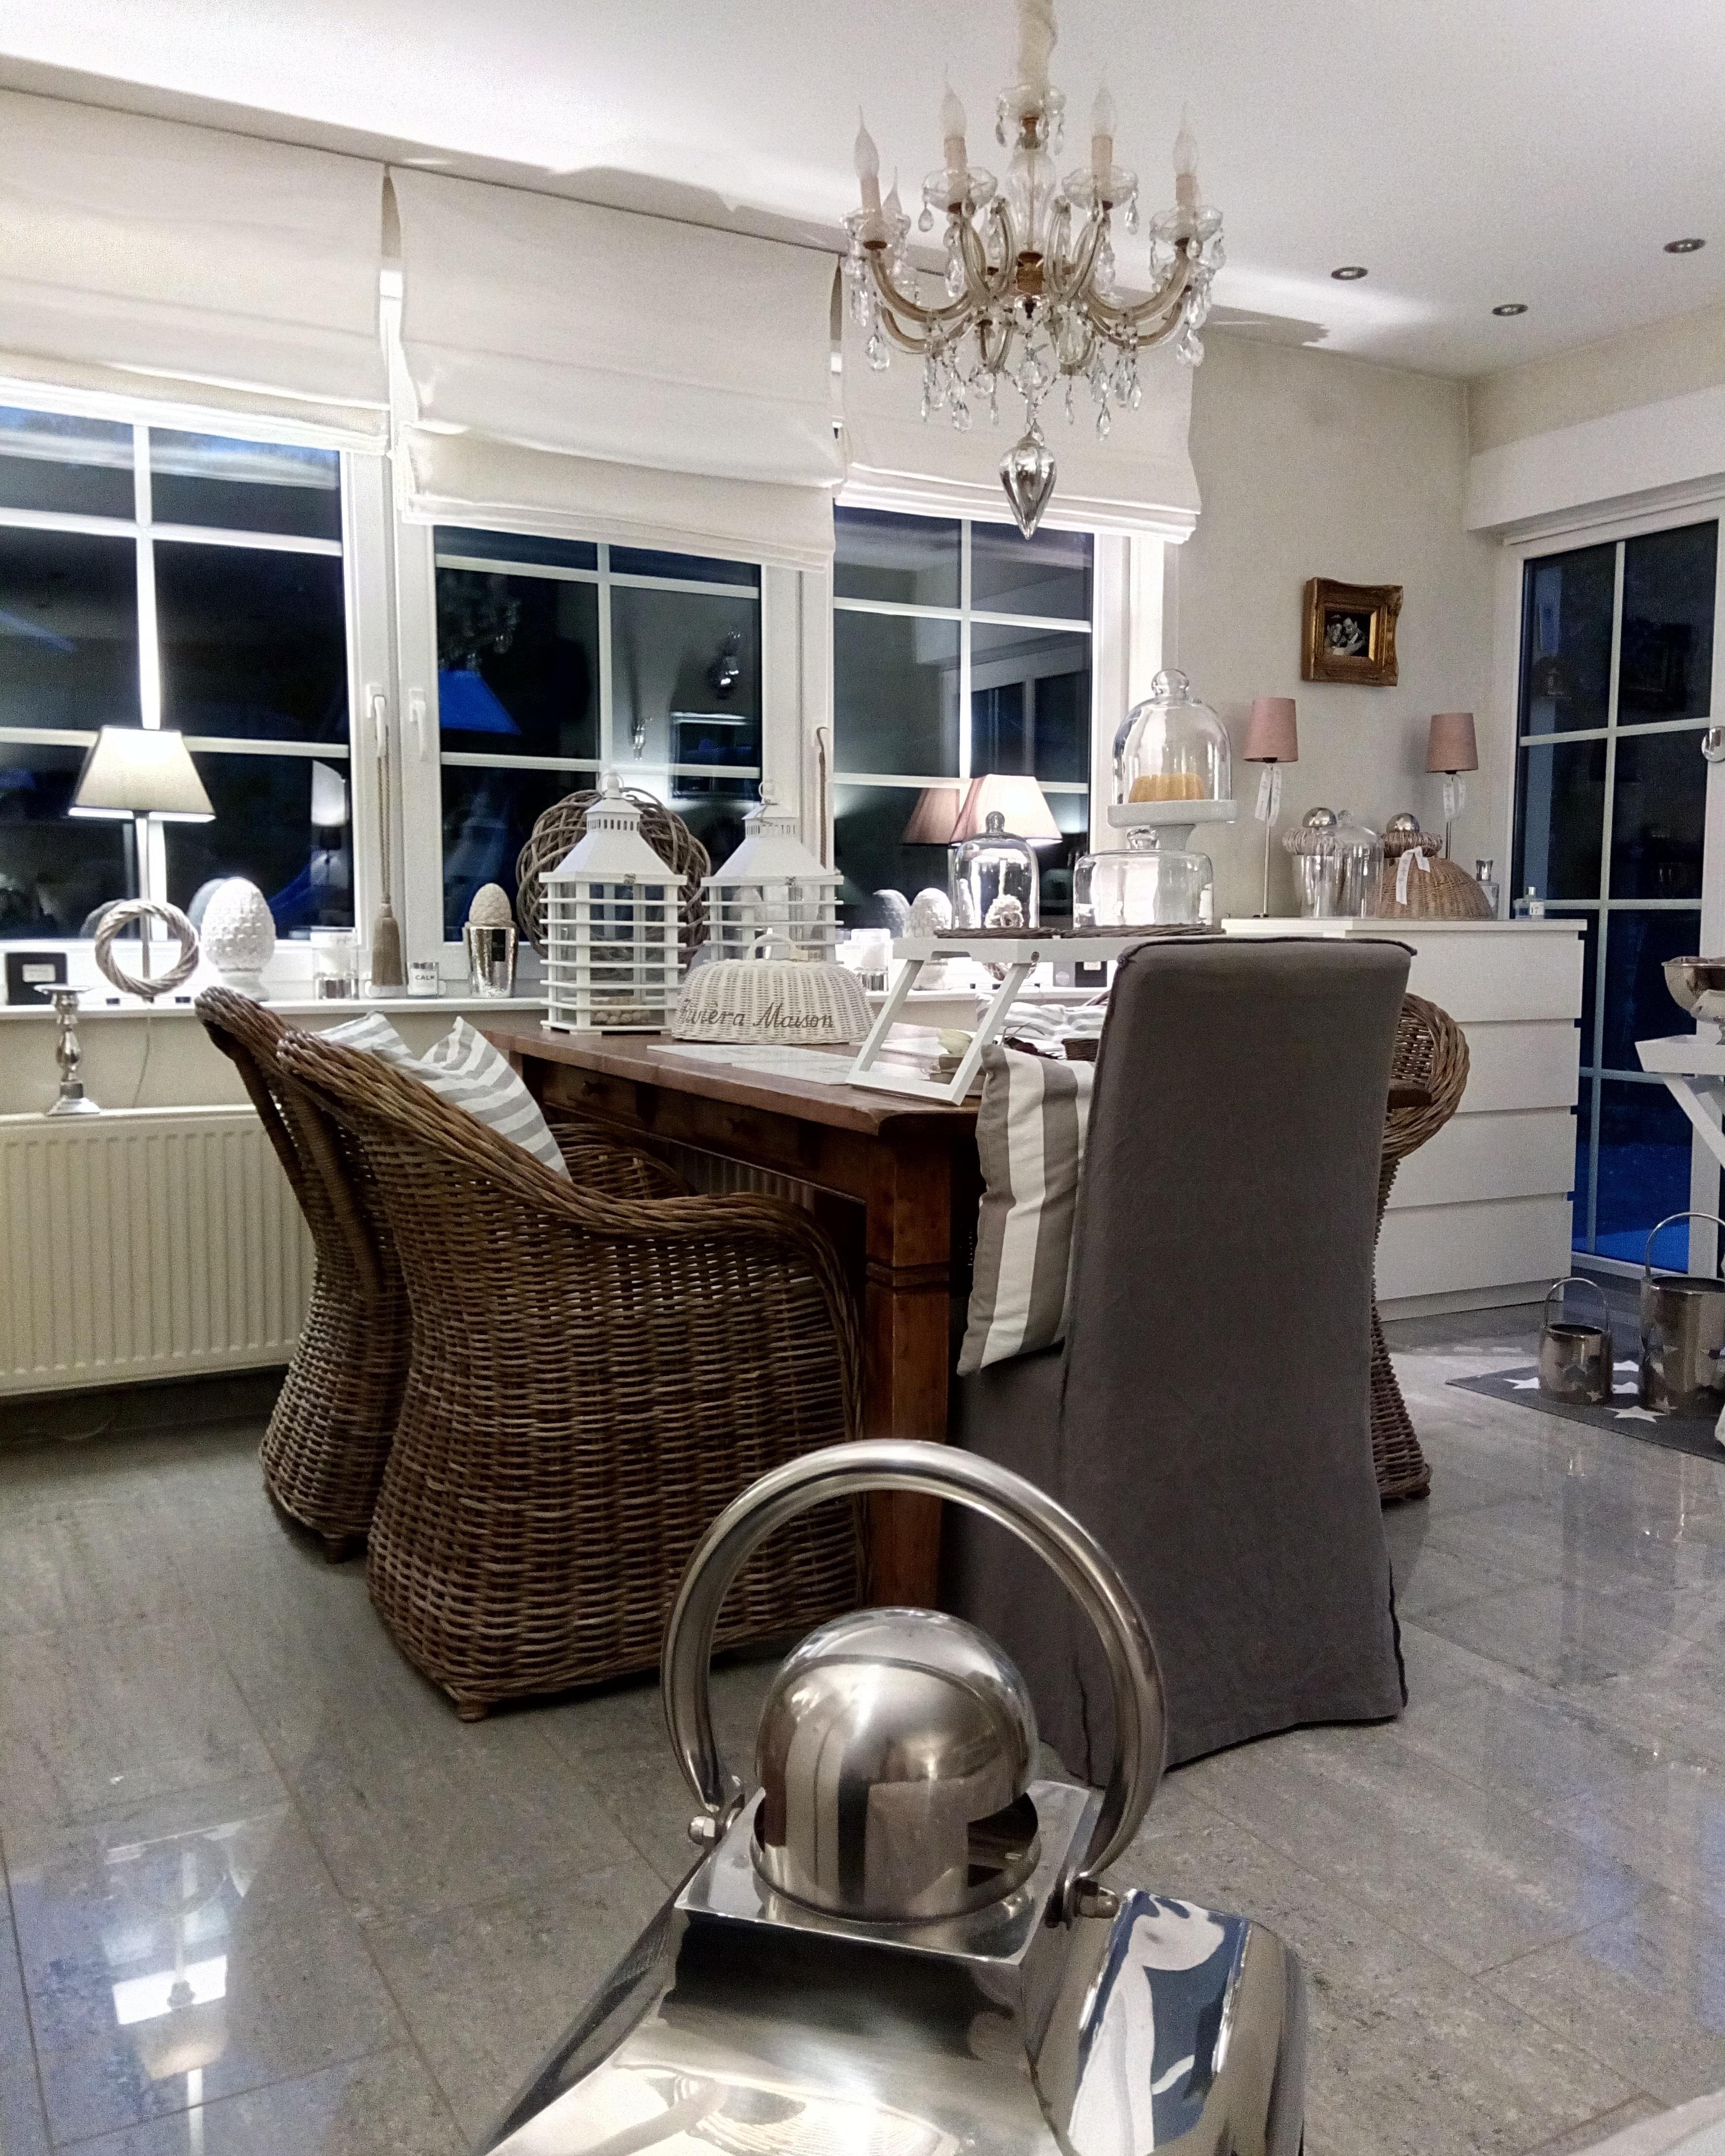 Deko #Interior #Wohnzimmer #Landhaus • Couchstyle